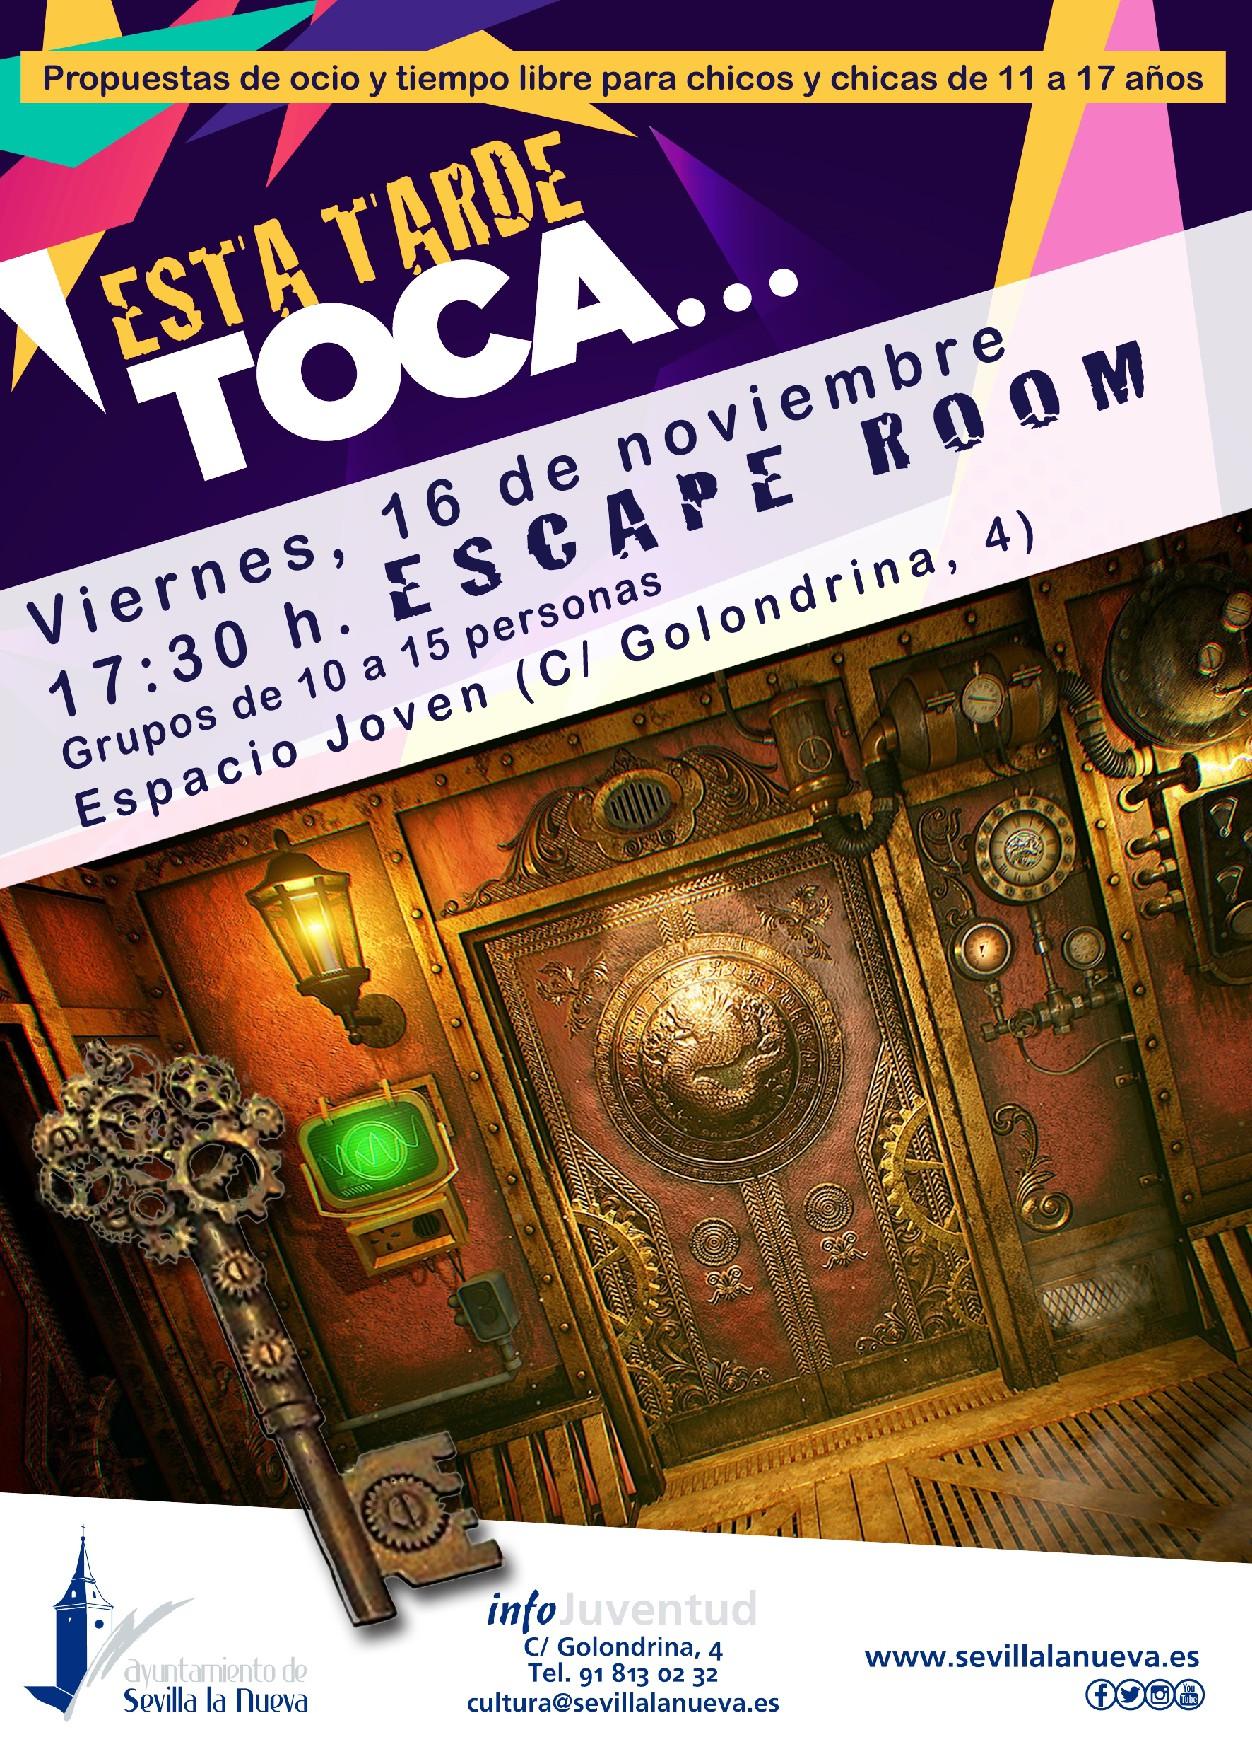 Escape Room Sevilla la Nueva @ Espacio Joven